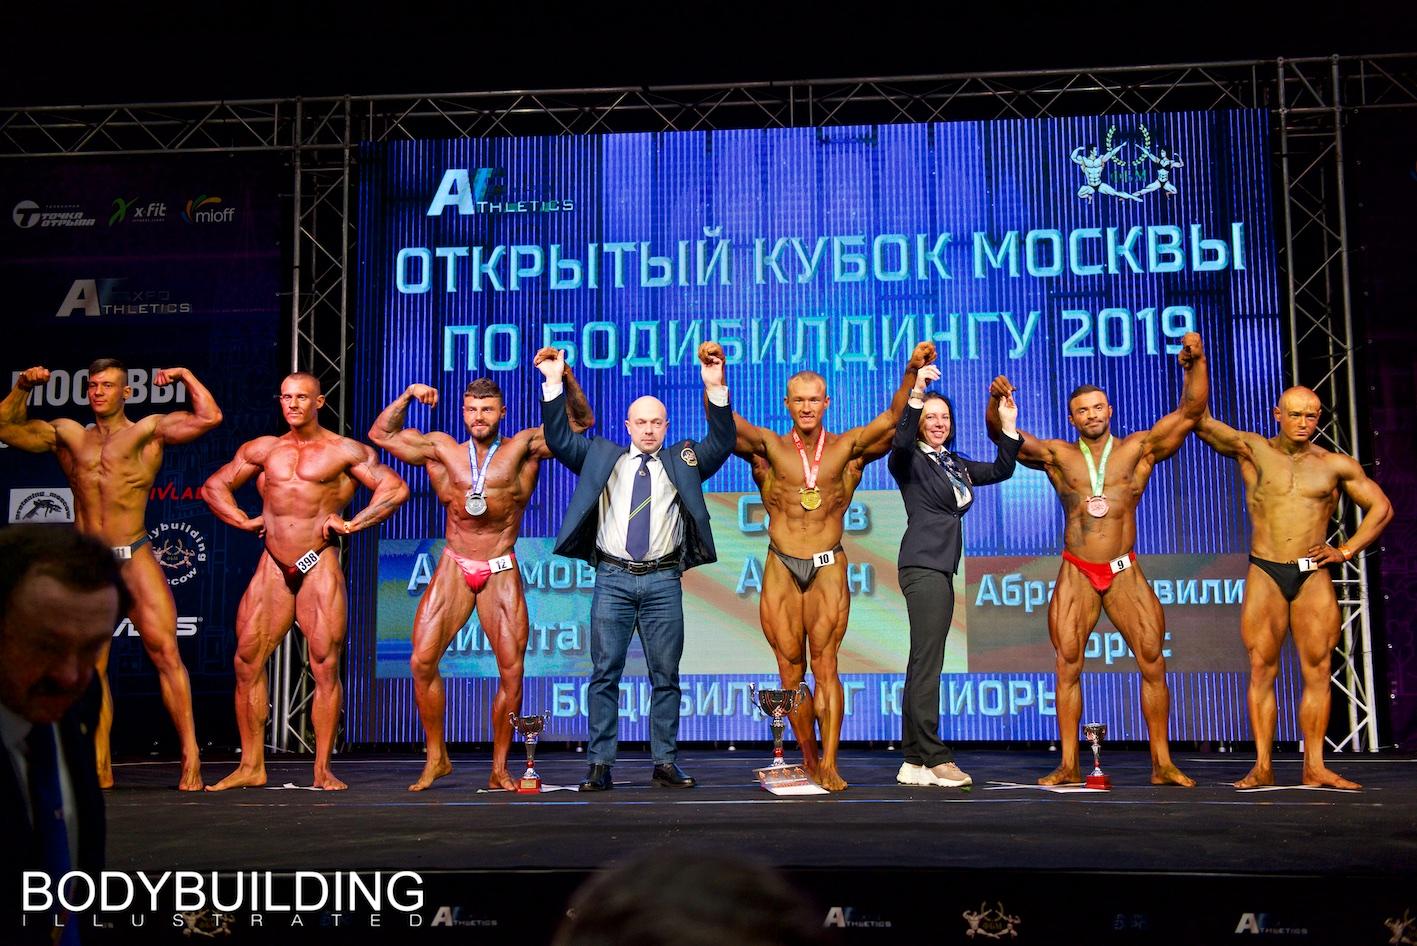 Кубок Москвы по бодибилдингу 2019 результаты.